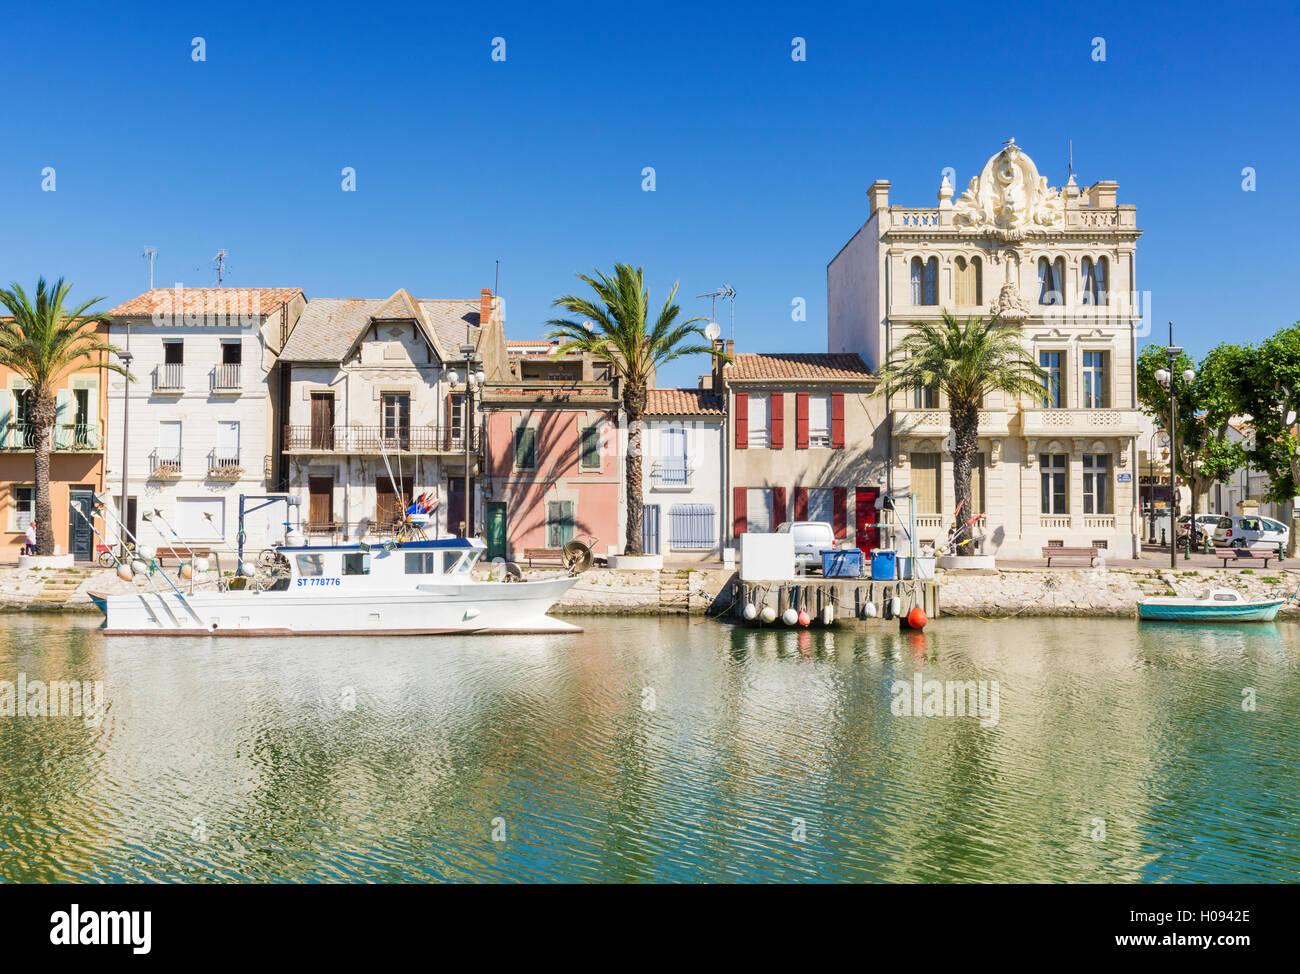 Buildings of different styles along the Canal du Rhône à Sète, Le Grau-du-Roi, Gard, France - Stock Image